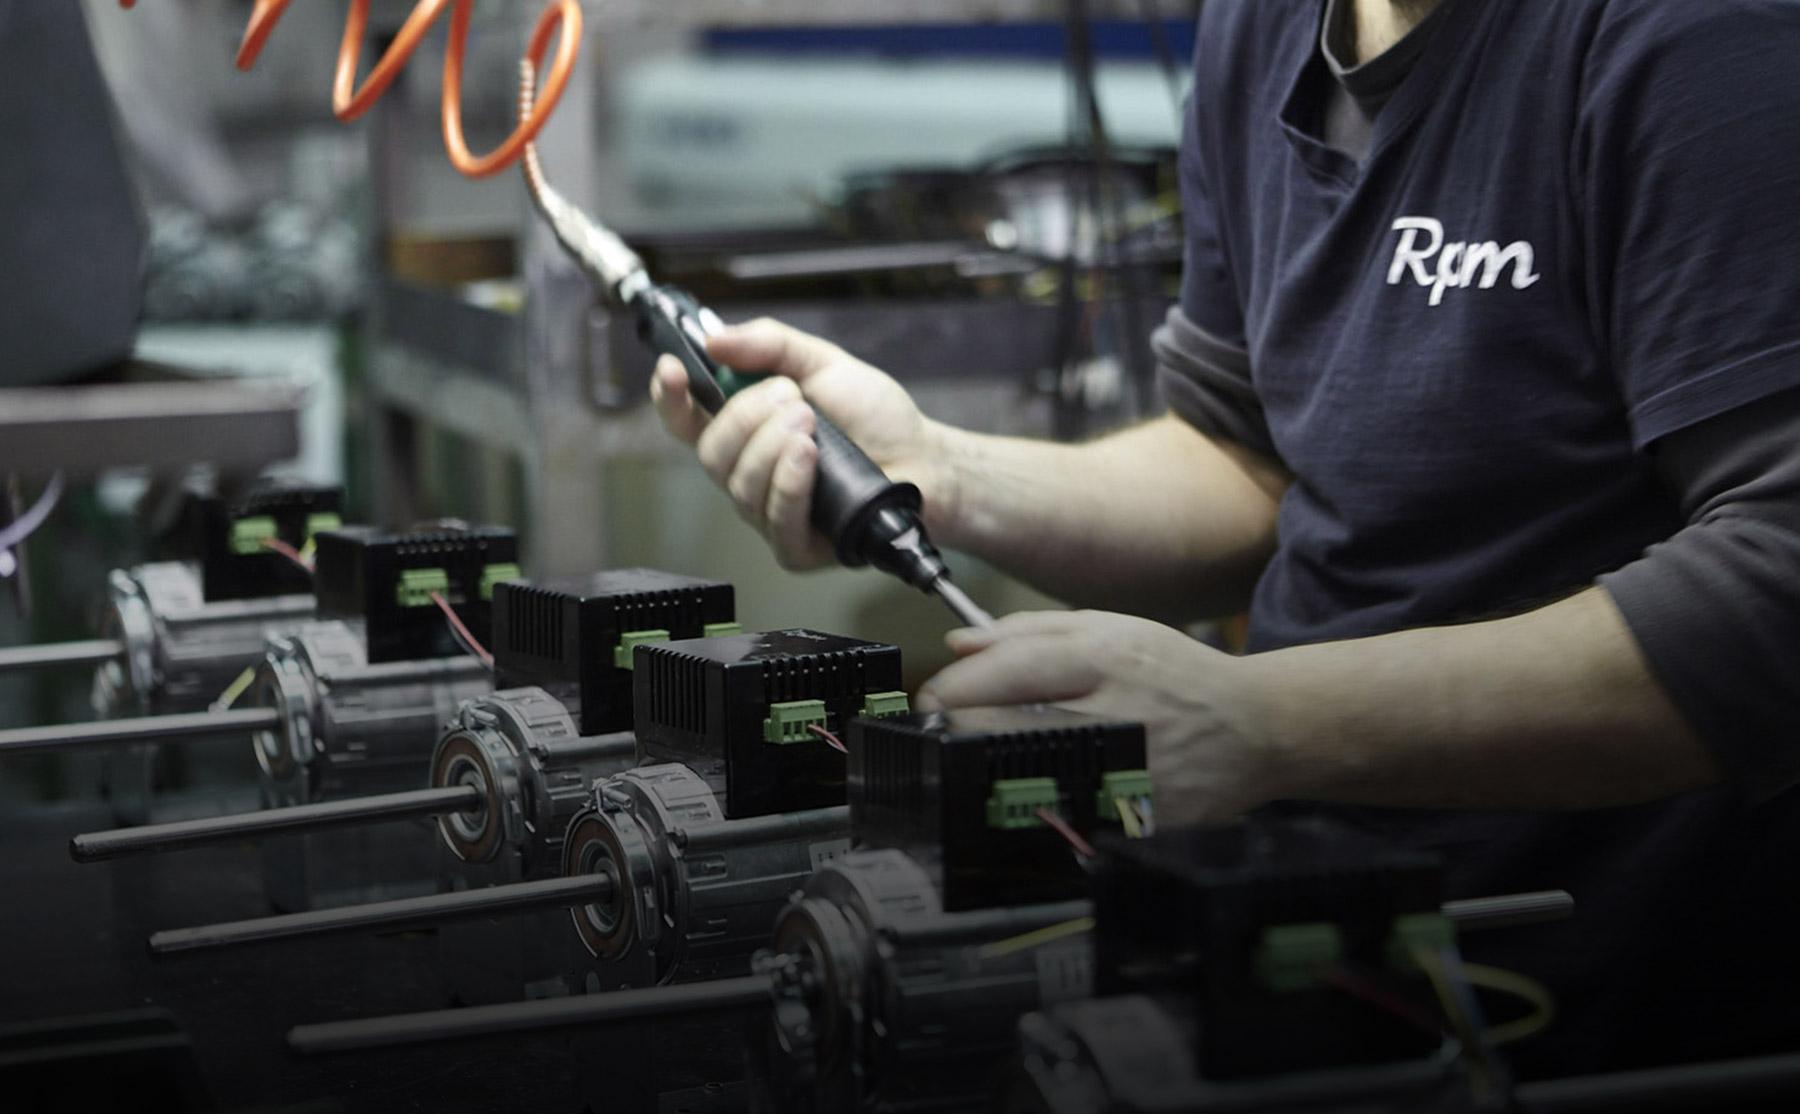 RPM Motori Elettrici